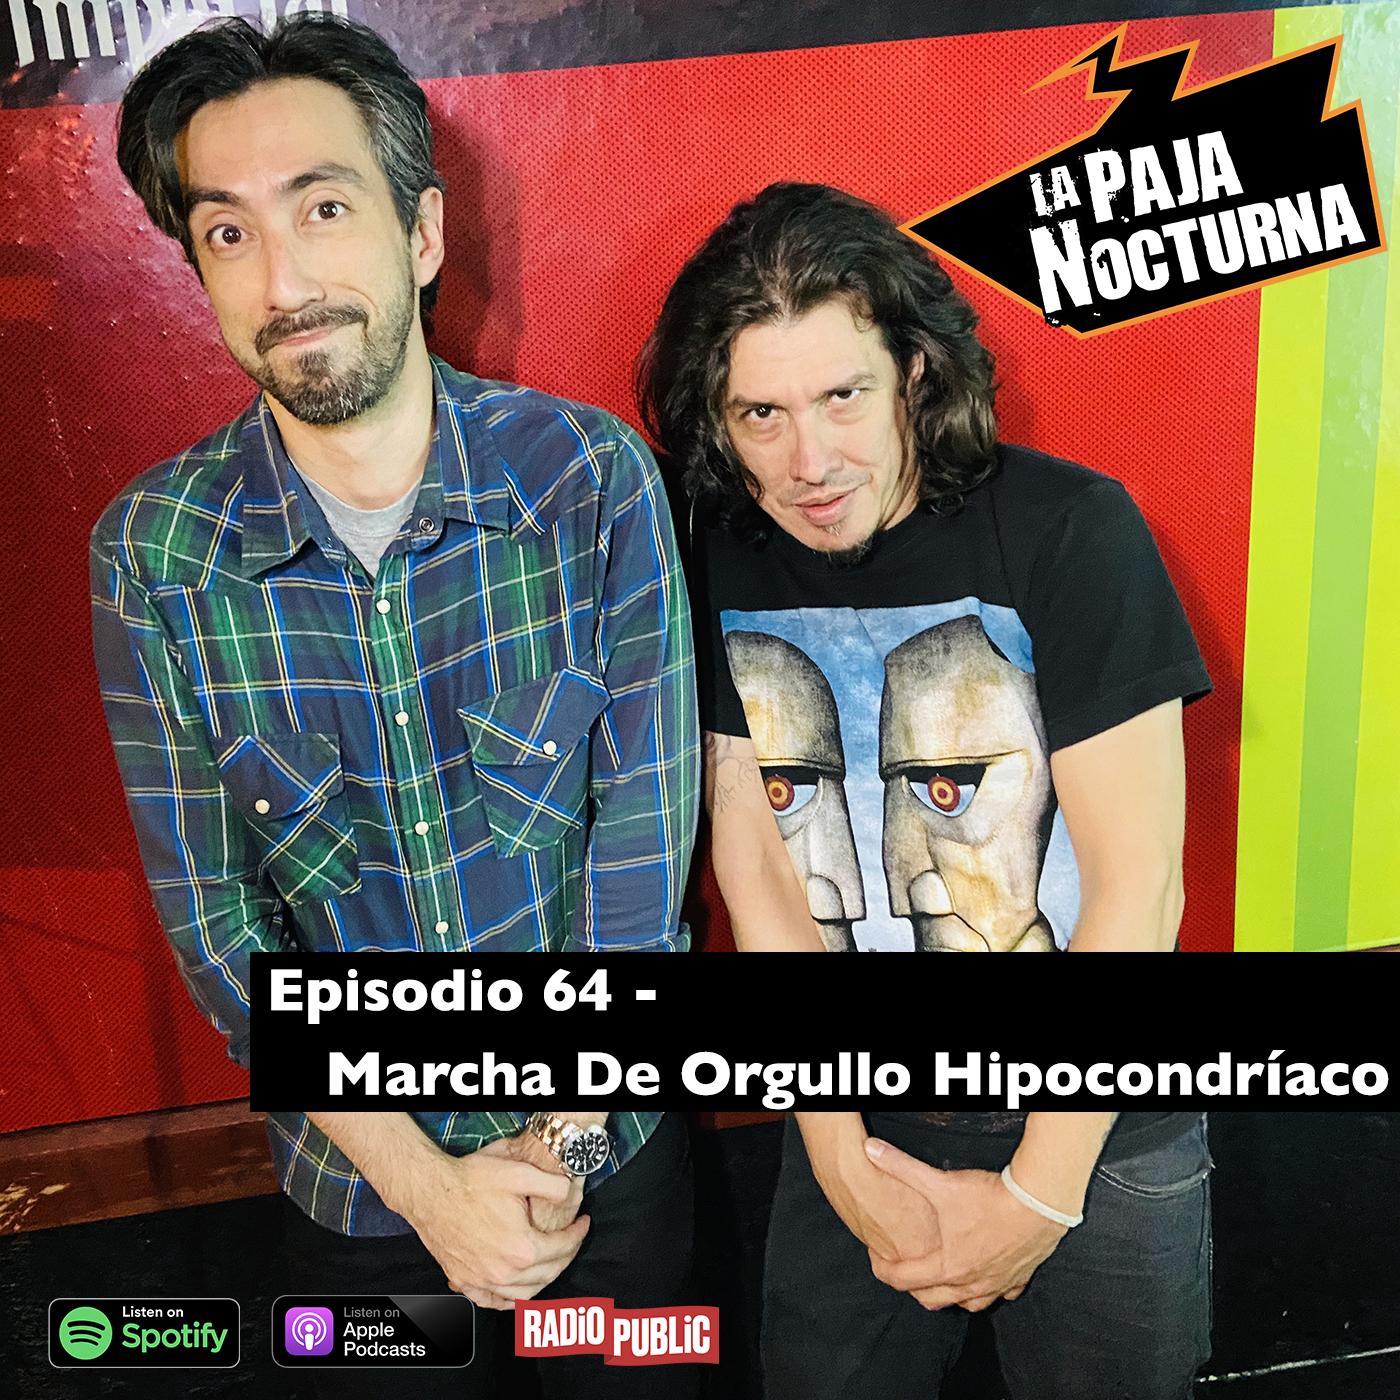 La paja nocturna podcast Episodio 64